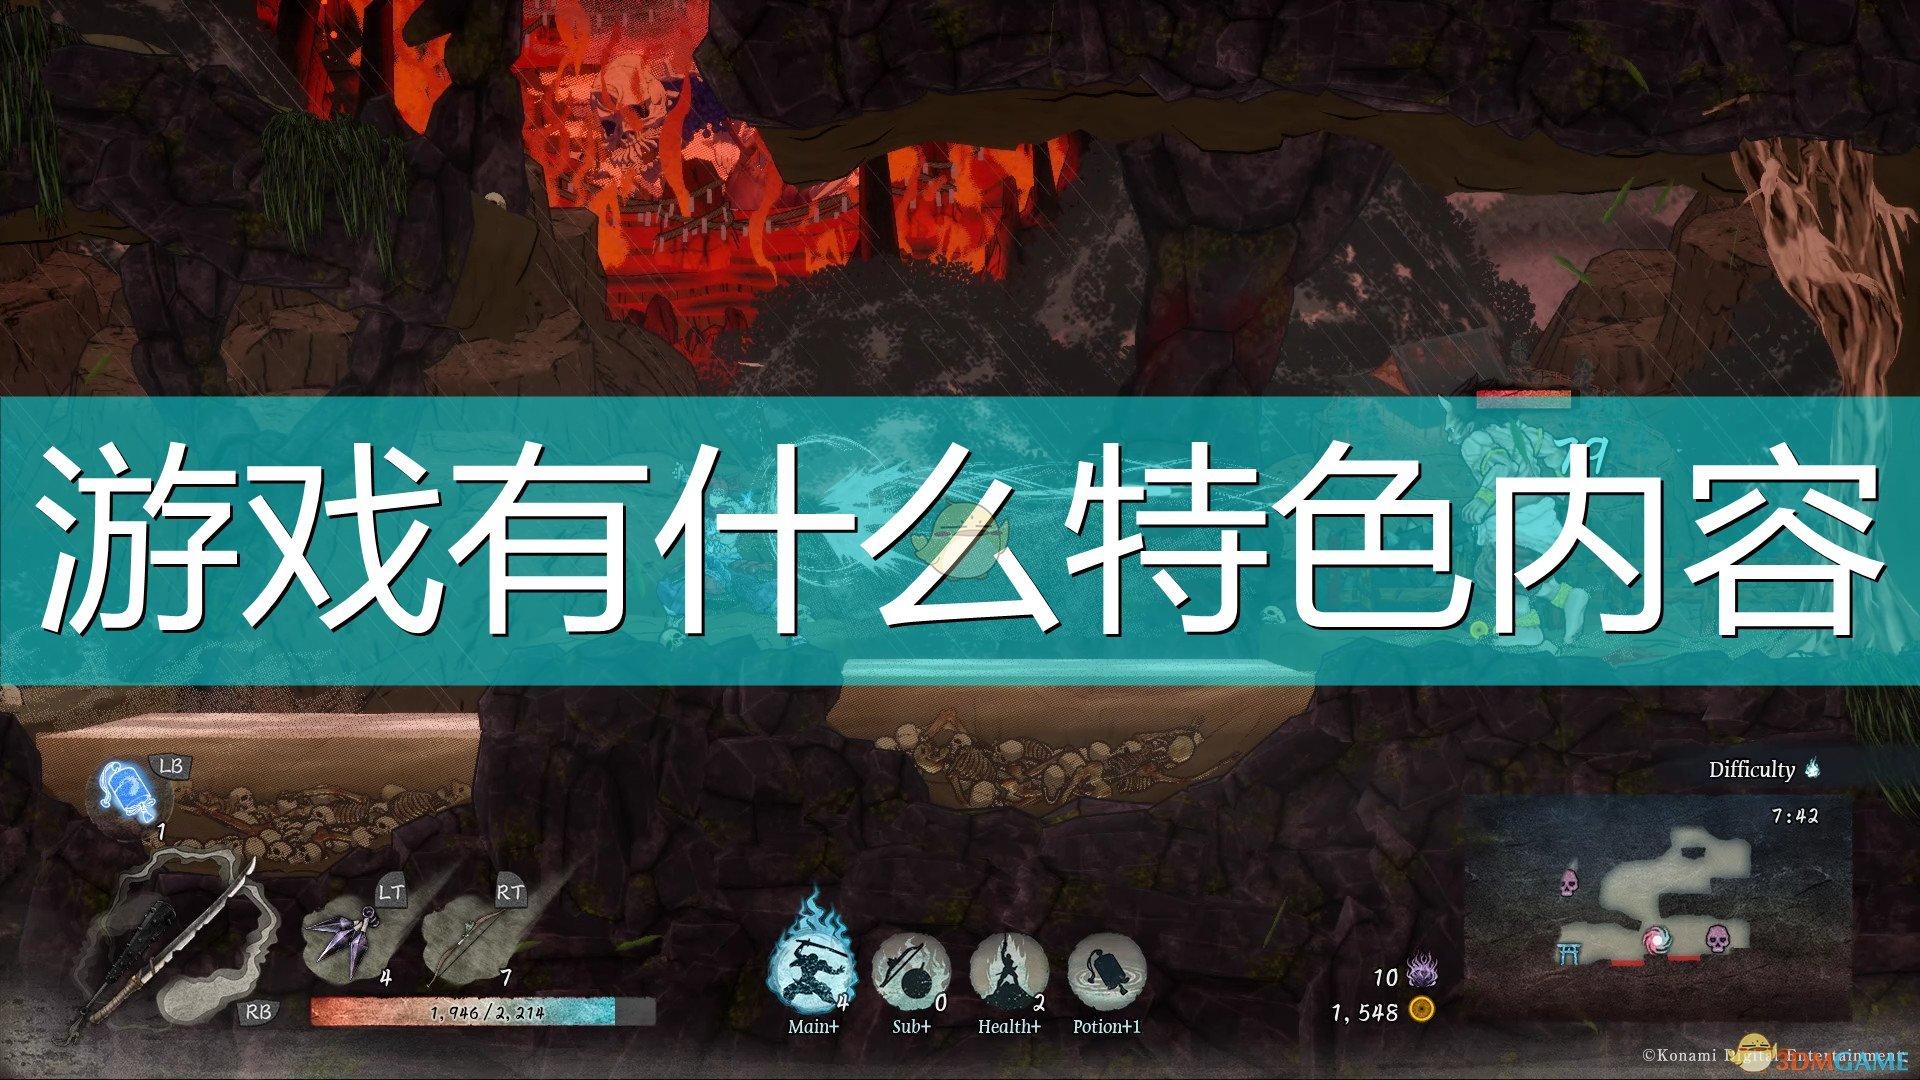 《月风魔传:不朽之月》游戏特色内容介绍